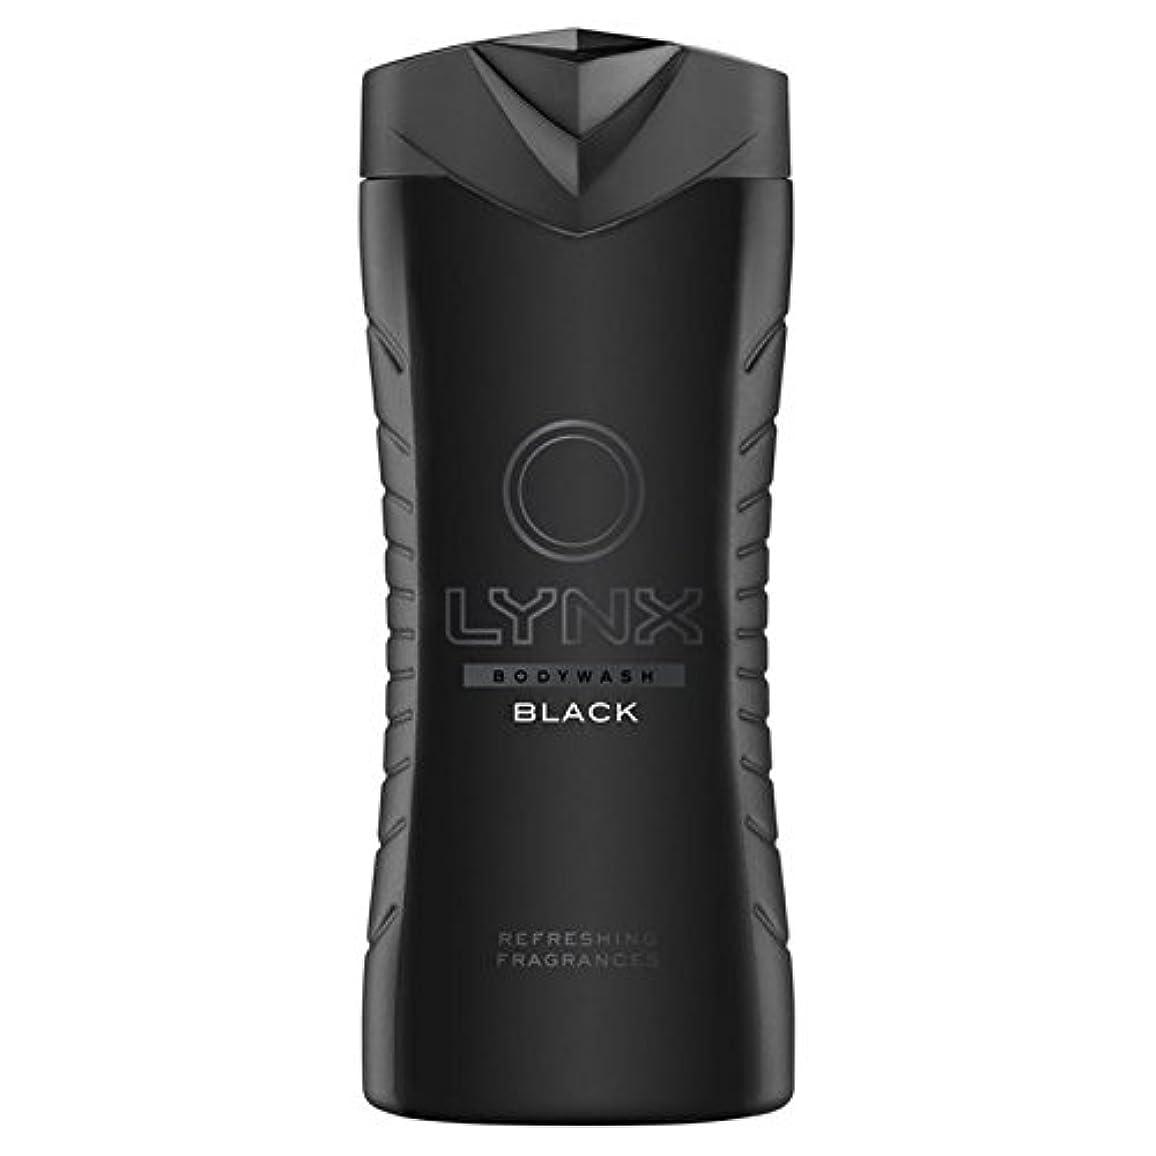 思いやり接続詞ロシアLynx Black Shower Gel 400ml (Pack of 6) - オオヤマネコブラックシャワージェル400ミリリットル x6 [並行輸入品]